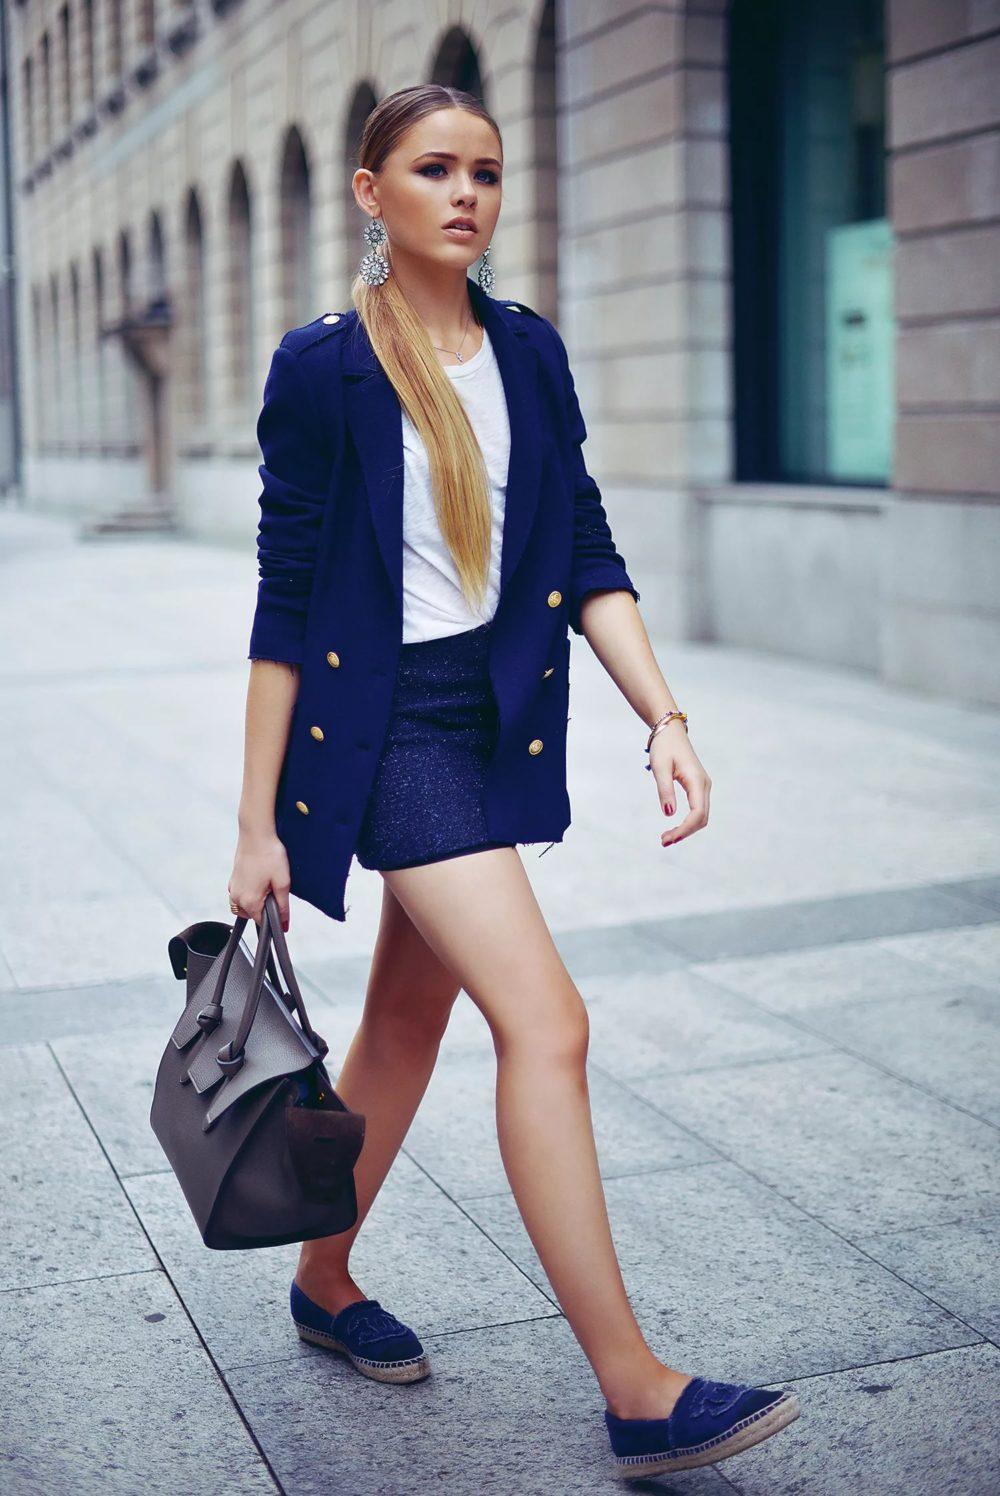 Мини-юбка и слипоны: модный лук